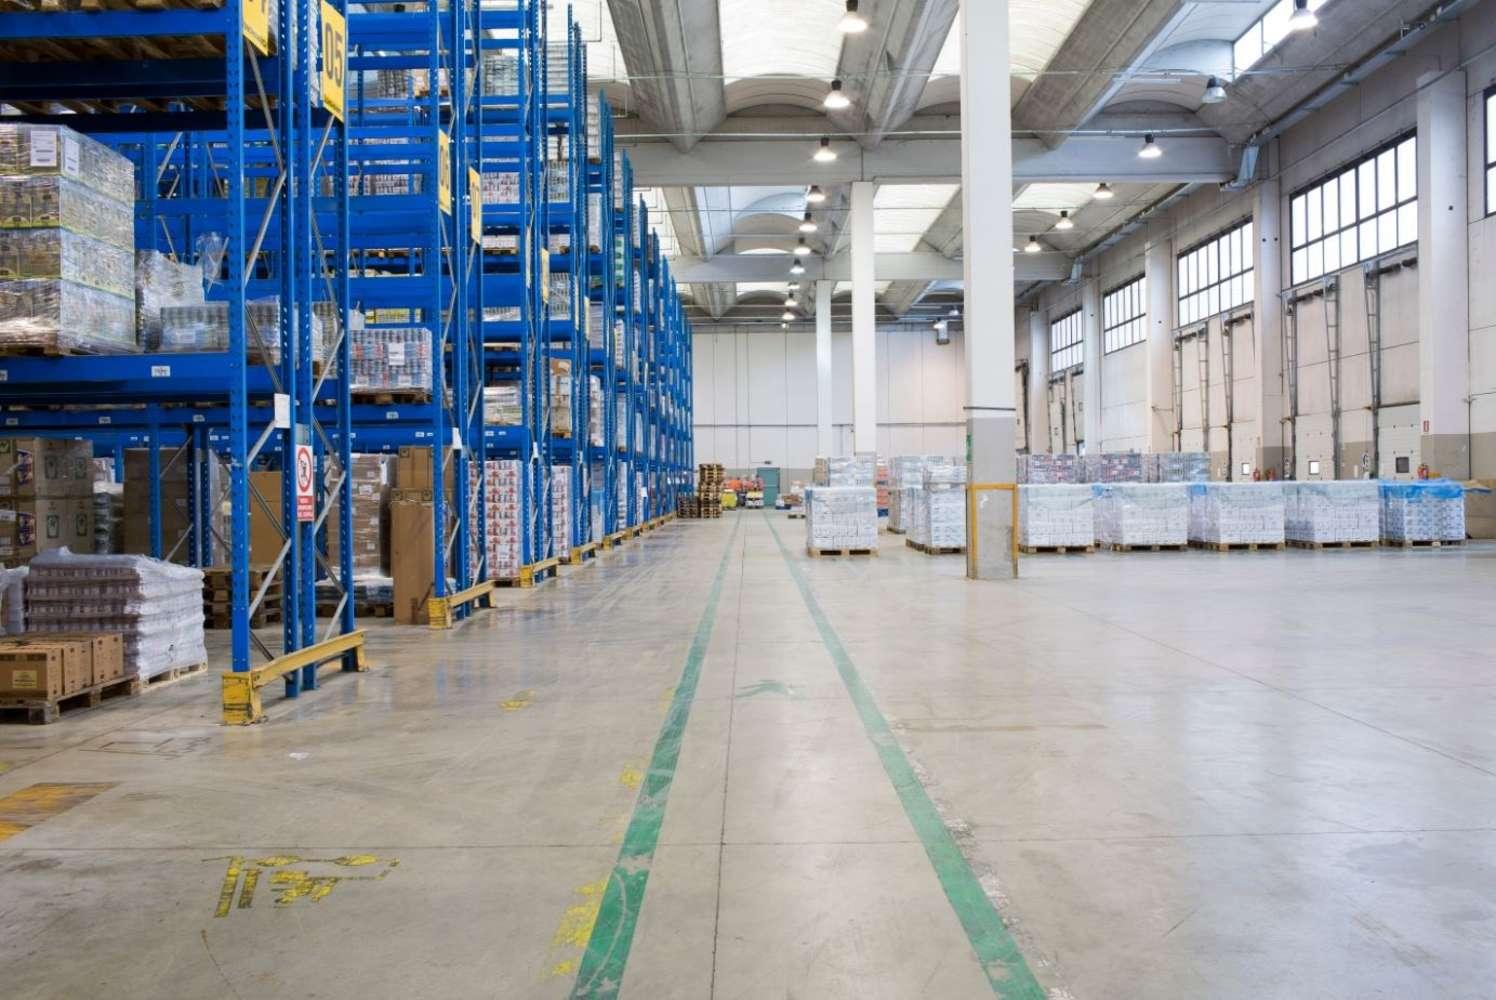 Magazzini industriali e logistici Brembio, 26822 - Brembio Warehouse